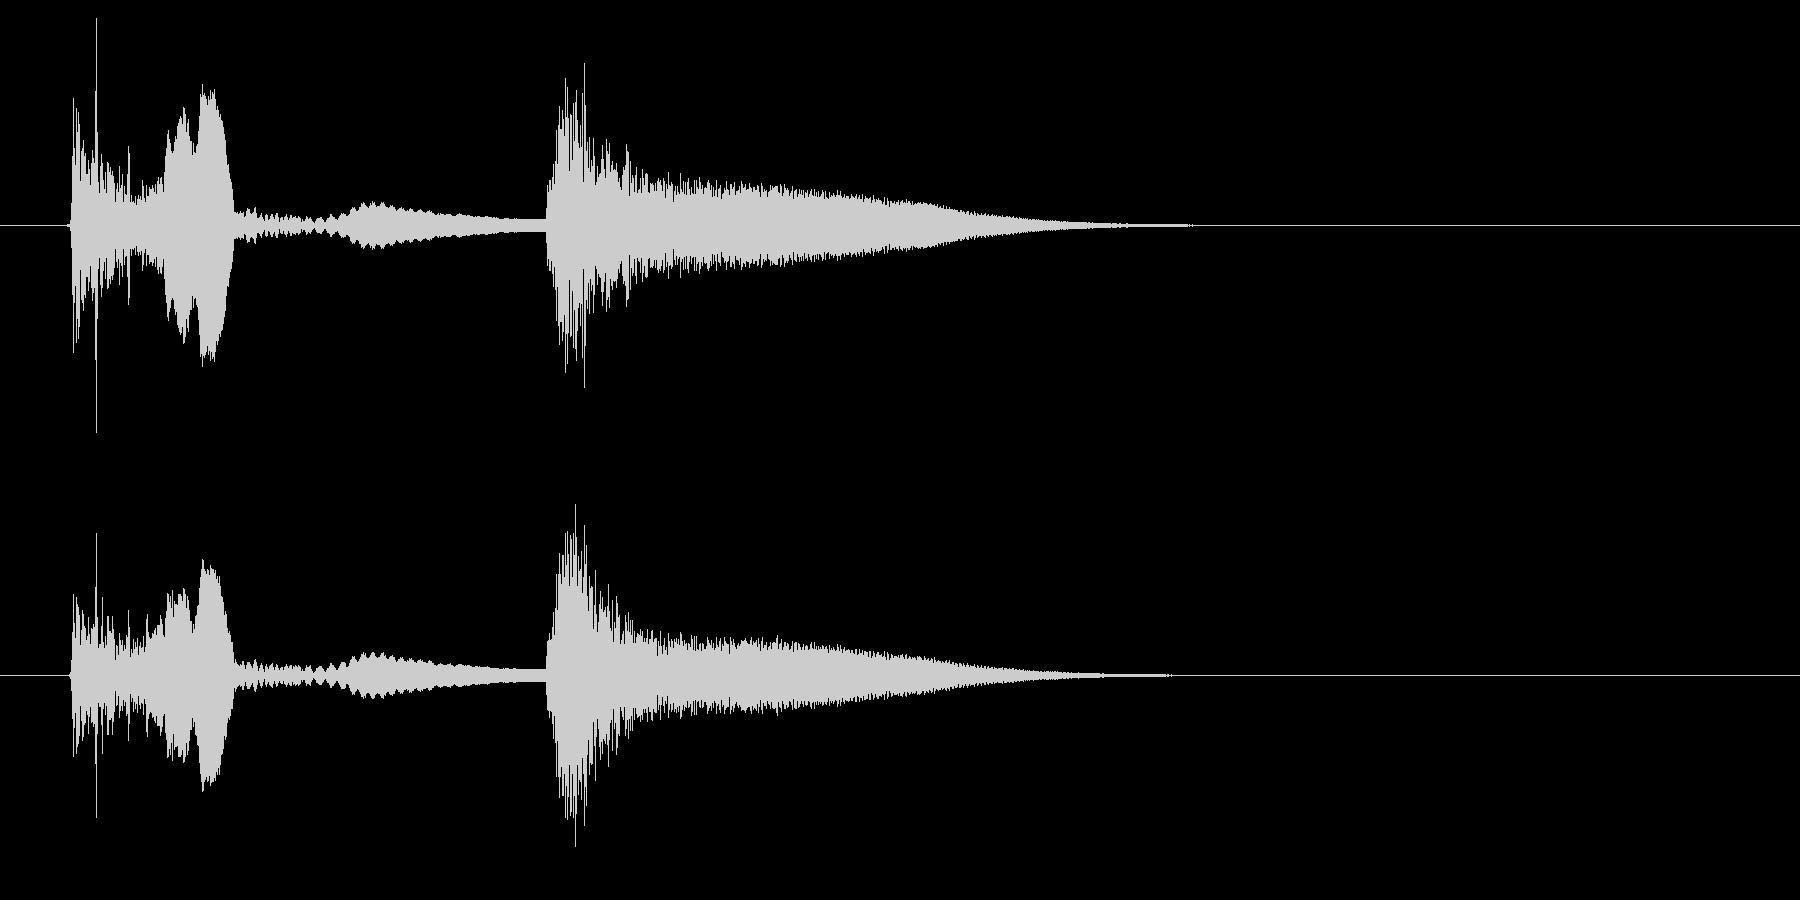 【SE 効果音】ネジが飛ぶ音の未再生の波形